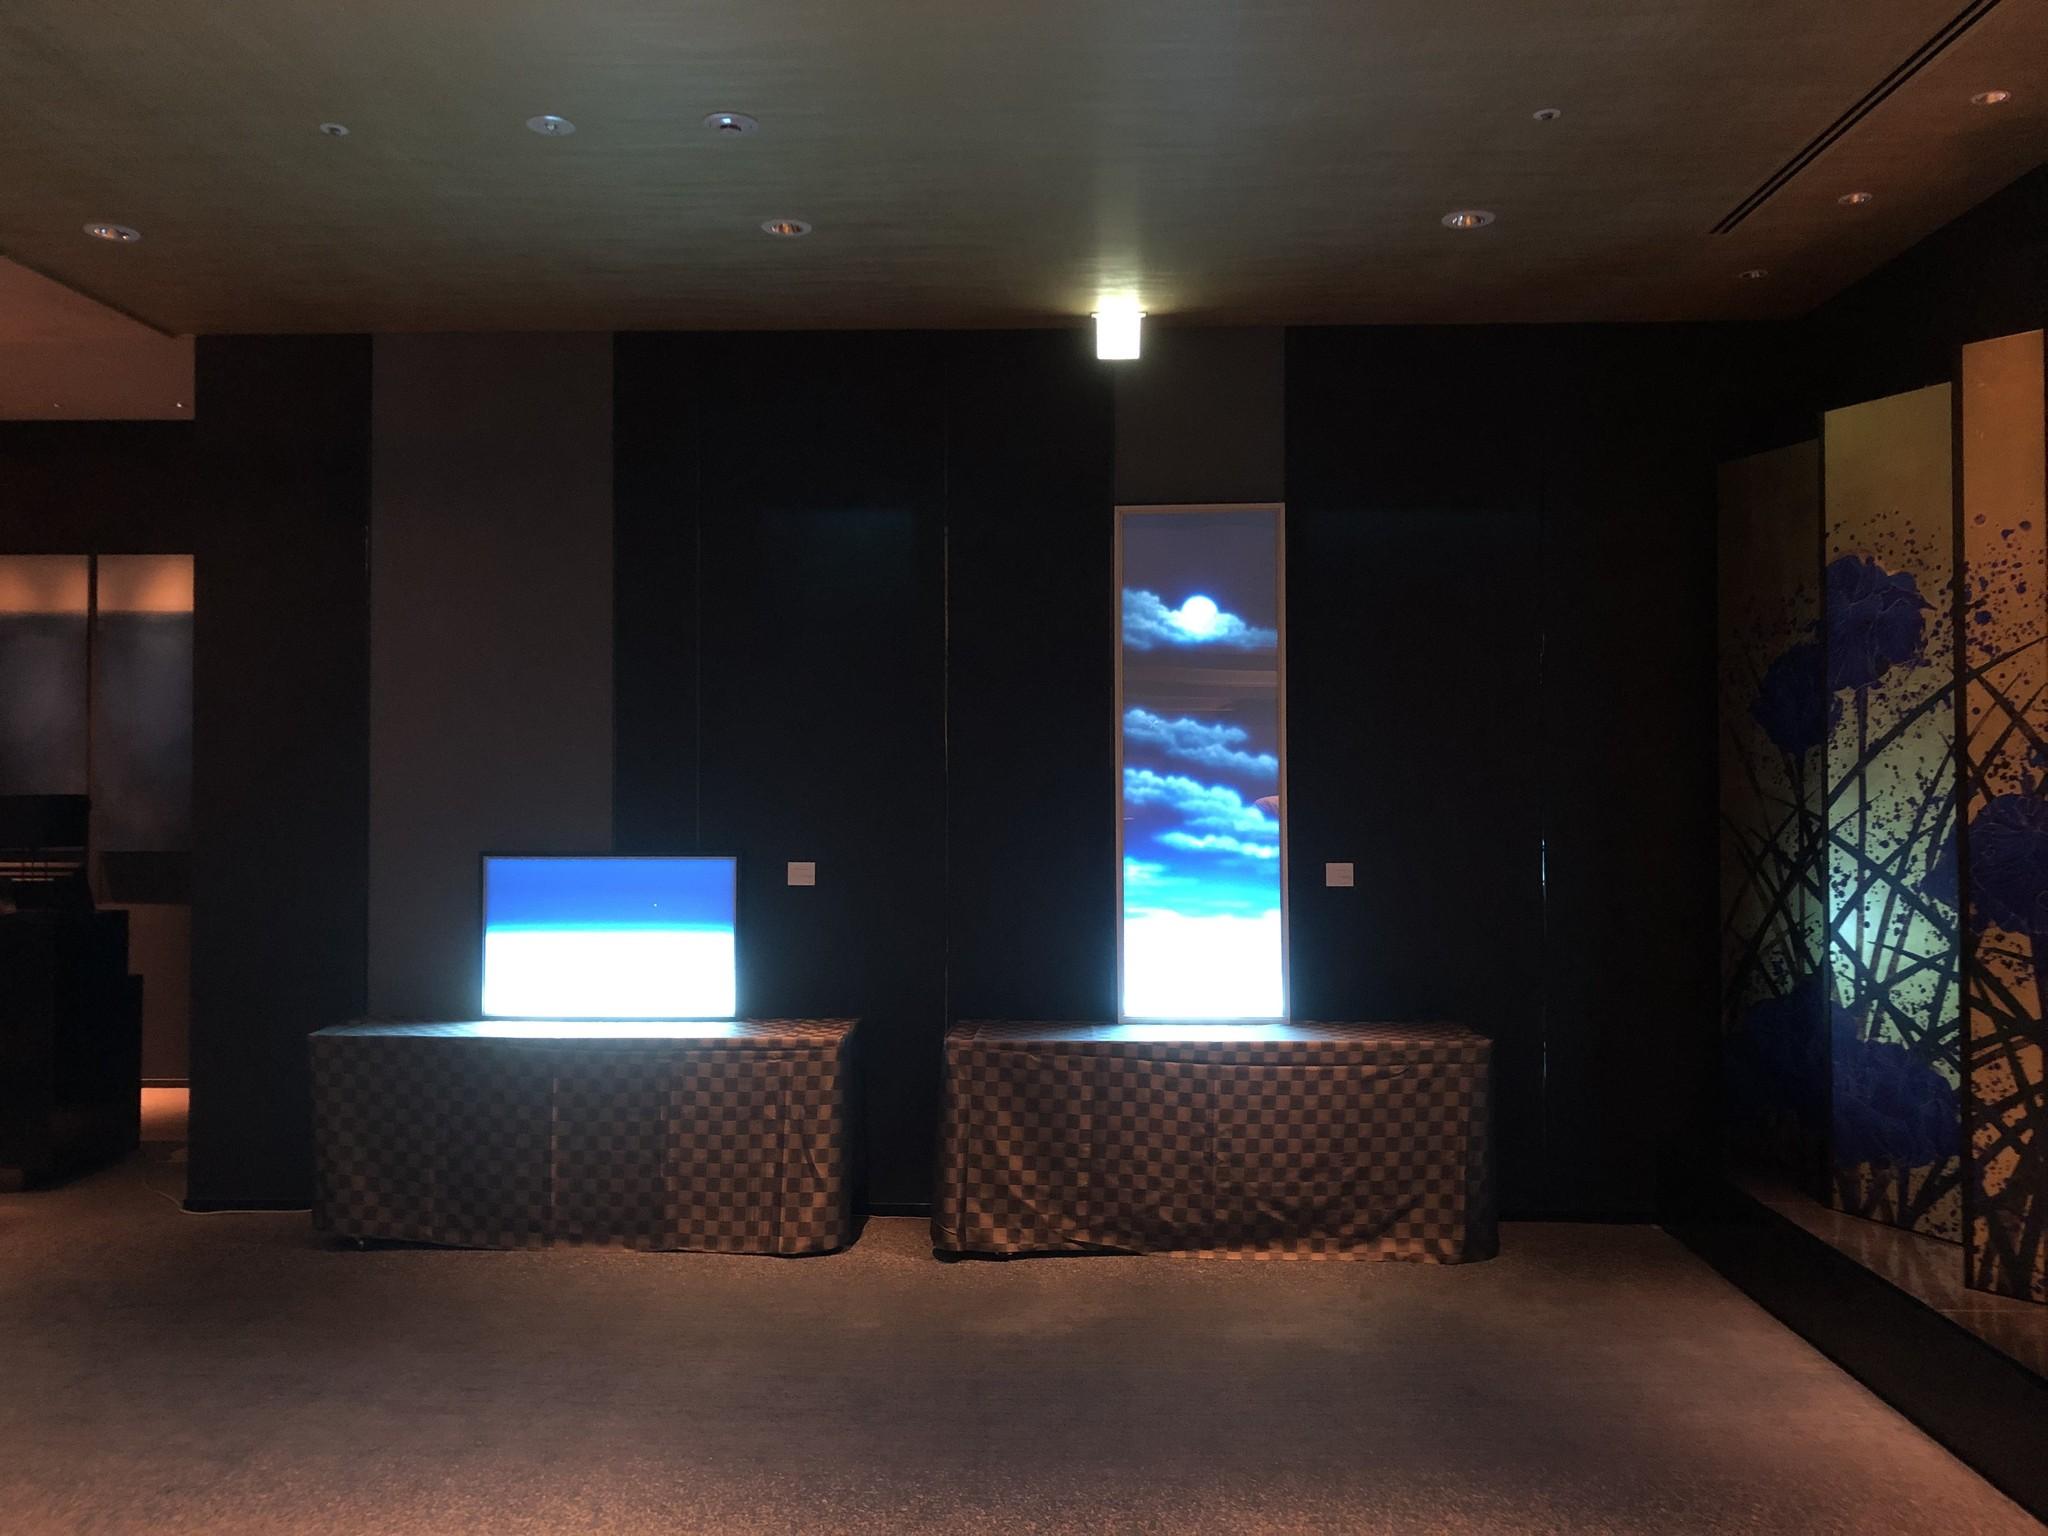 エクシブ湯河原離宮ボールルームホワイエに作品2点展示追加しました。